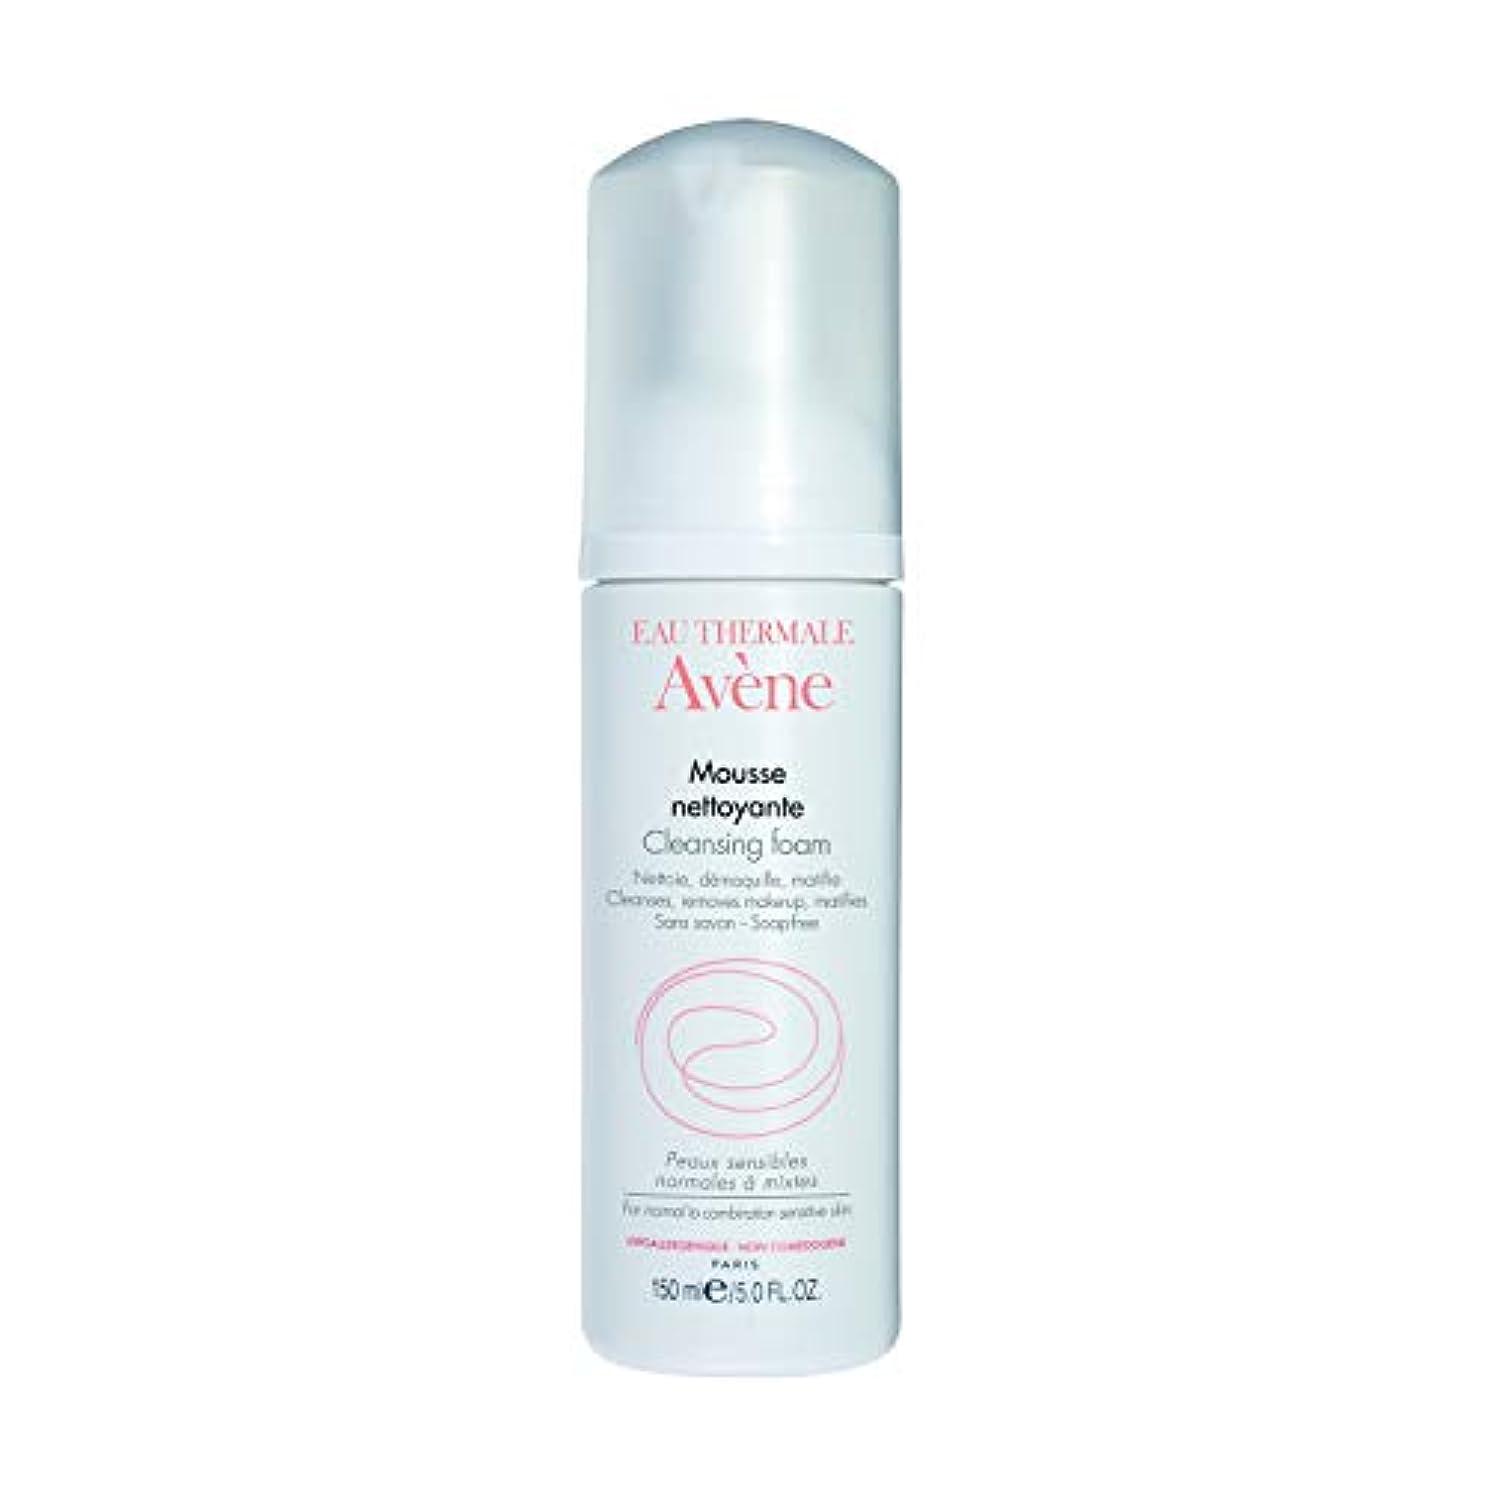 間接的砲兵担保アベンヌ Cleansing Foam - For Normal to Combination Sensitive Skin 150ml/5oz並行輸入品